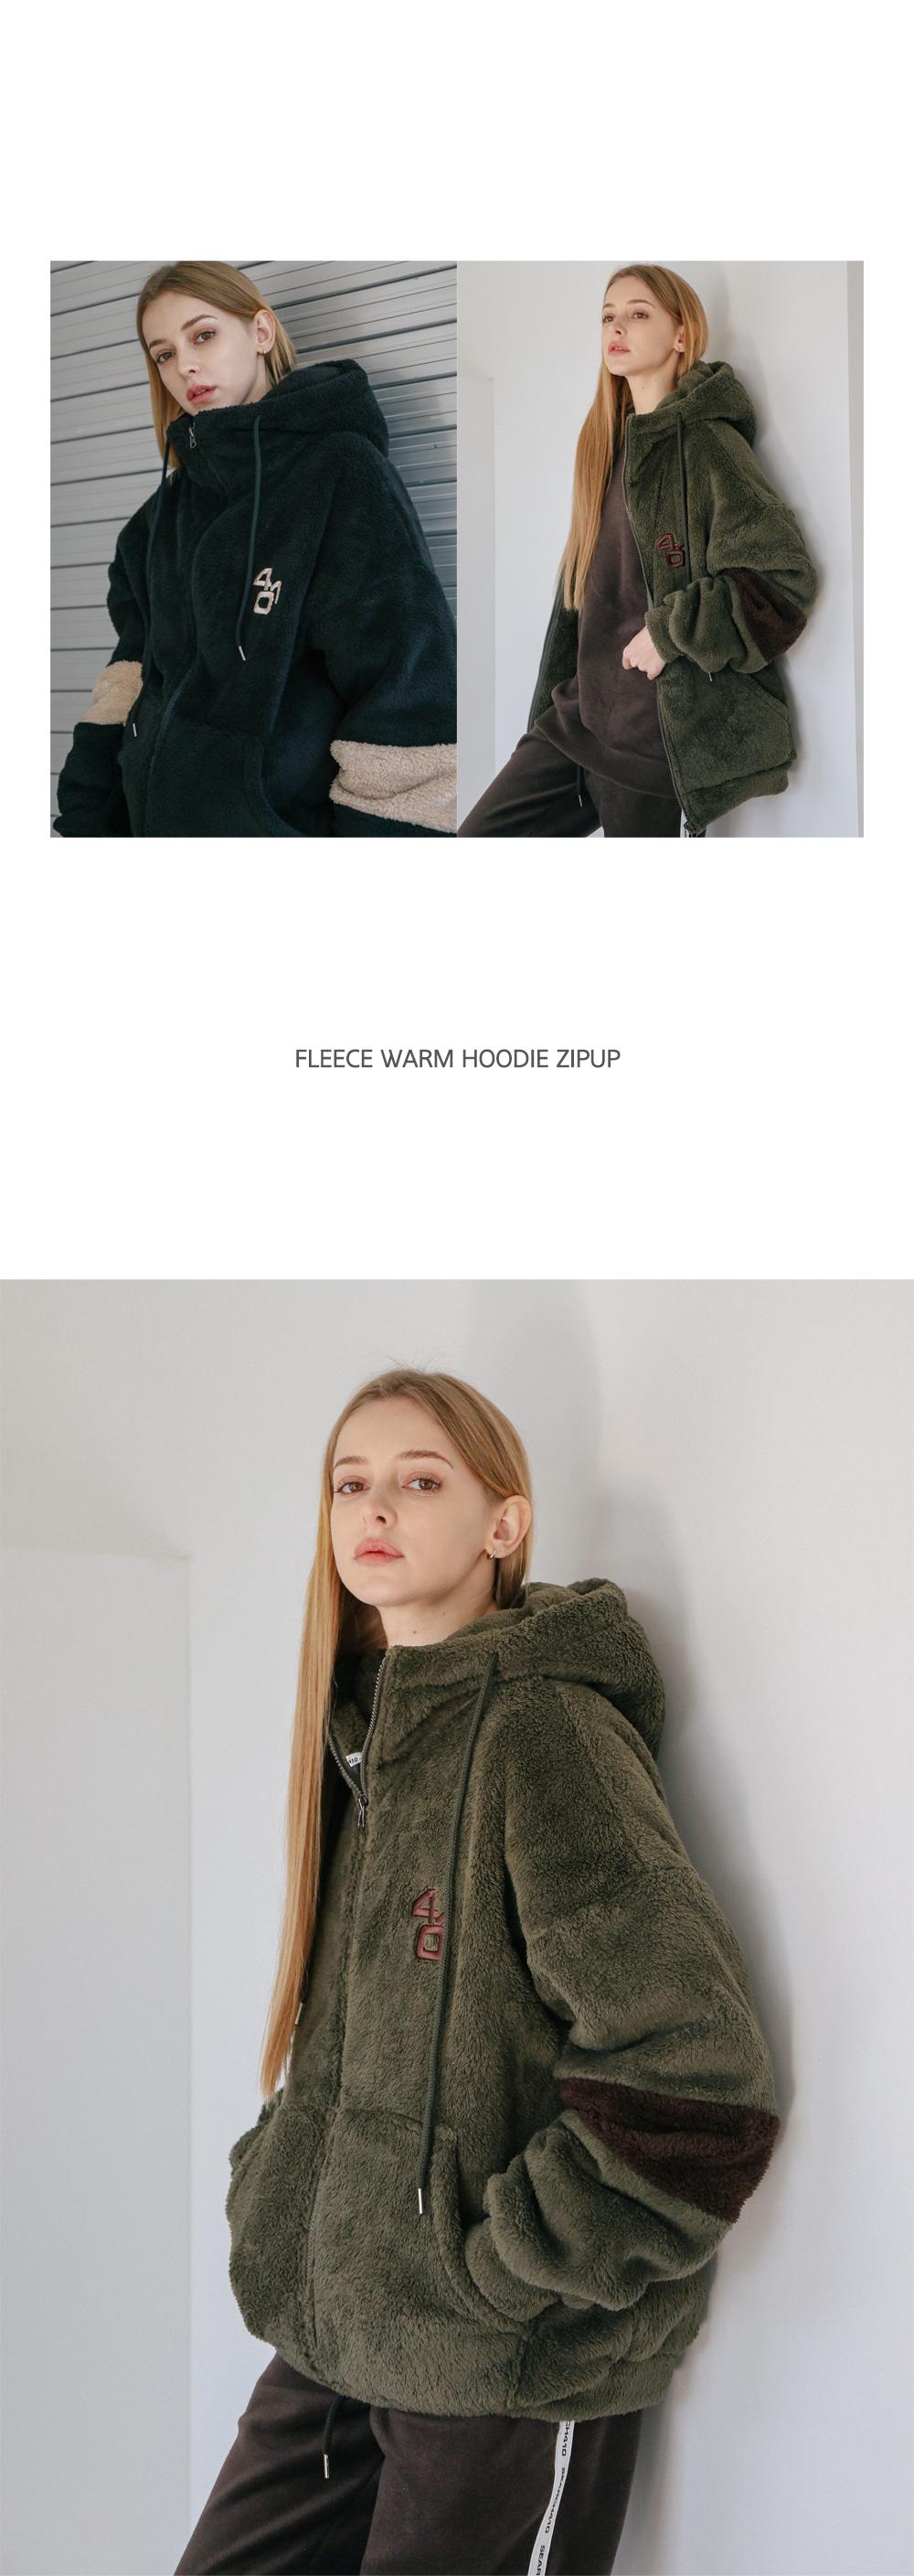 [UNISEX] FLEECE WARM HOODIE ZIPUP_KHAKI